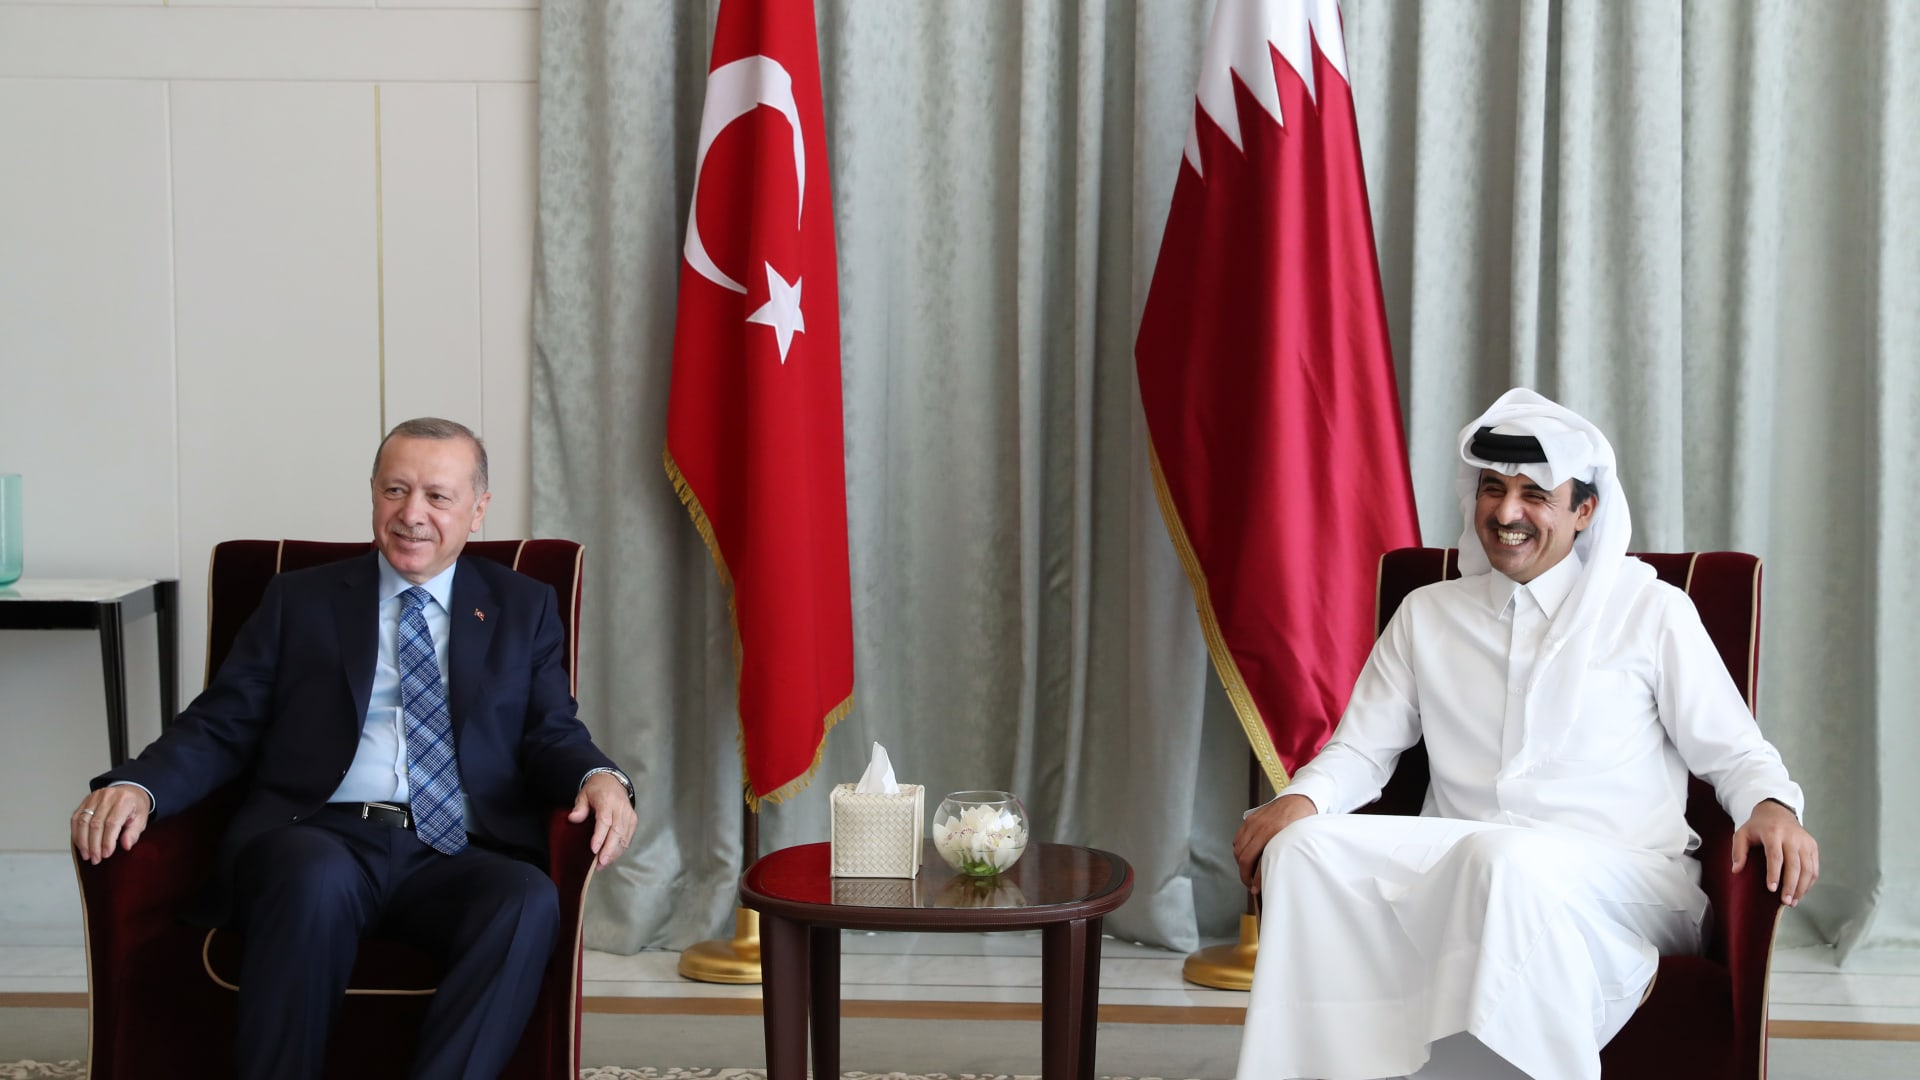 أردوغان: قطر تحتل المرتبة الـ17 في الاستثمار الأجنبي بتركيا.. ولا أحد ينتقد وجودها في أسواق المال الأوروبية